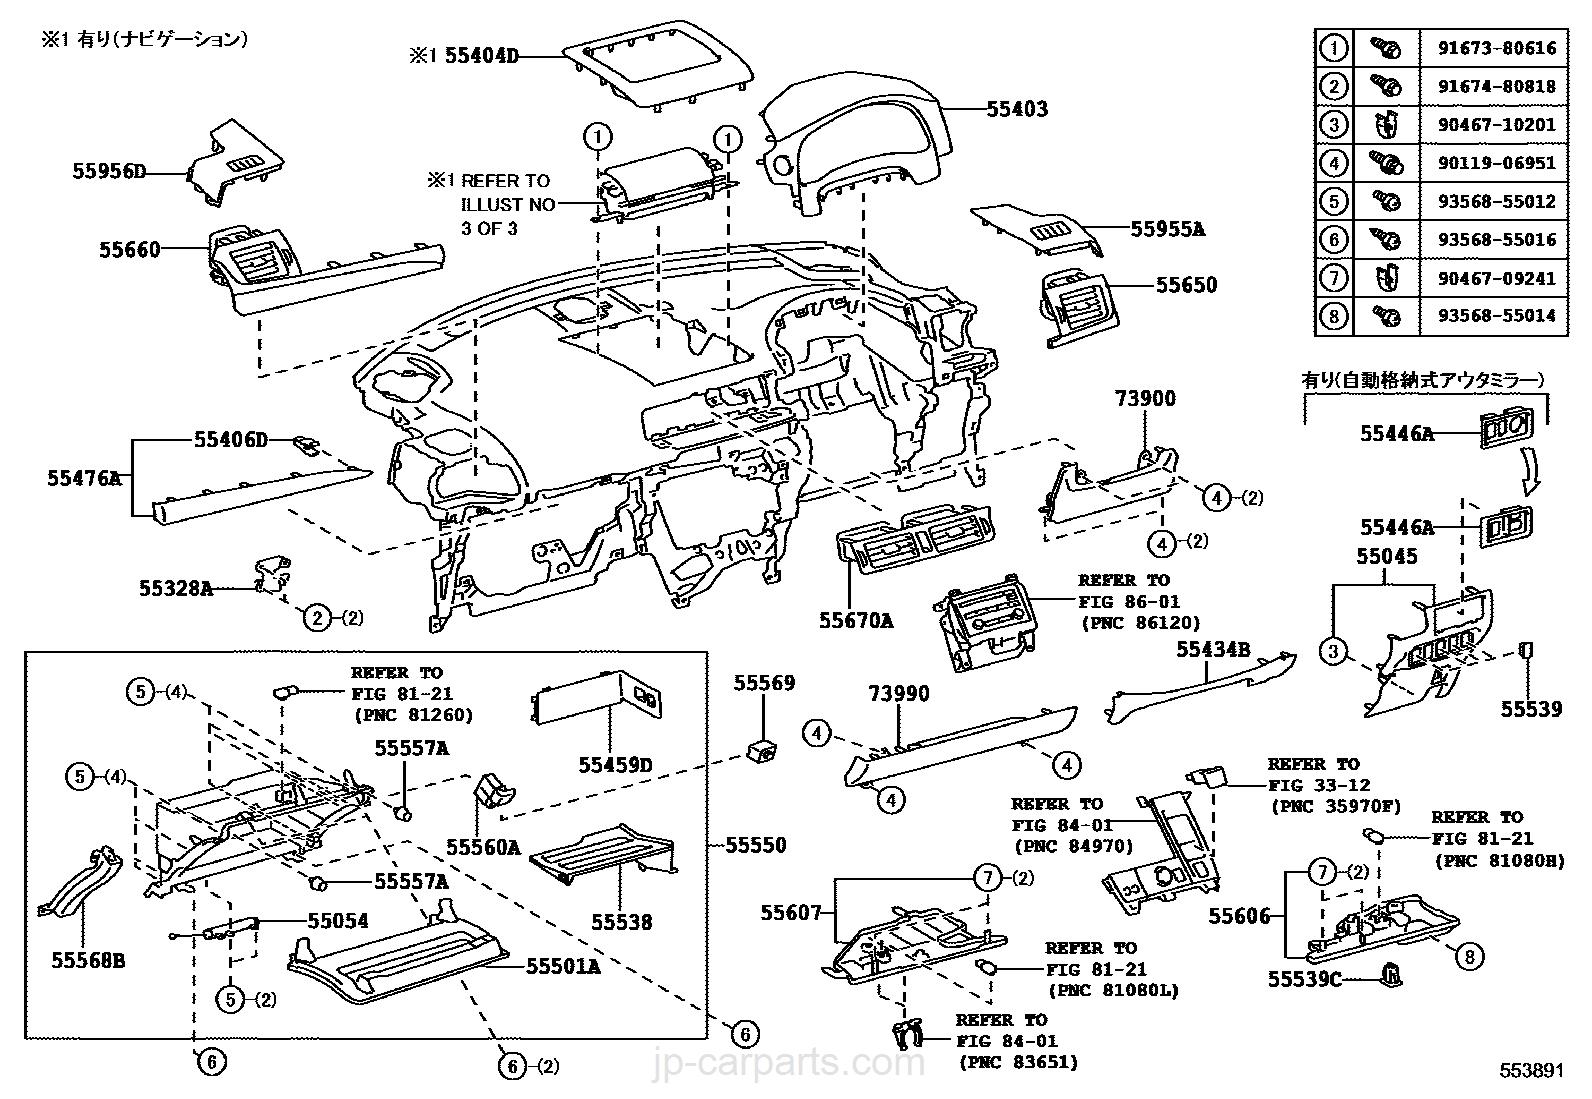 https://jp-carparts.com/images/parts/232110/232110_5501_0003.png